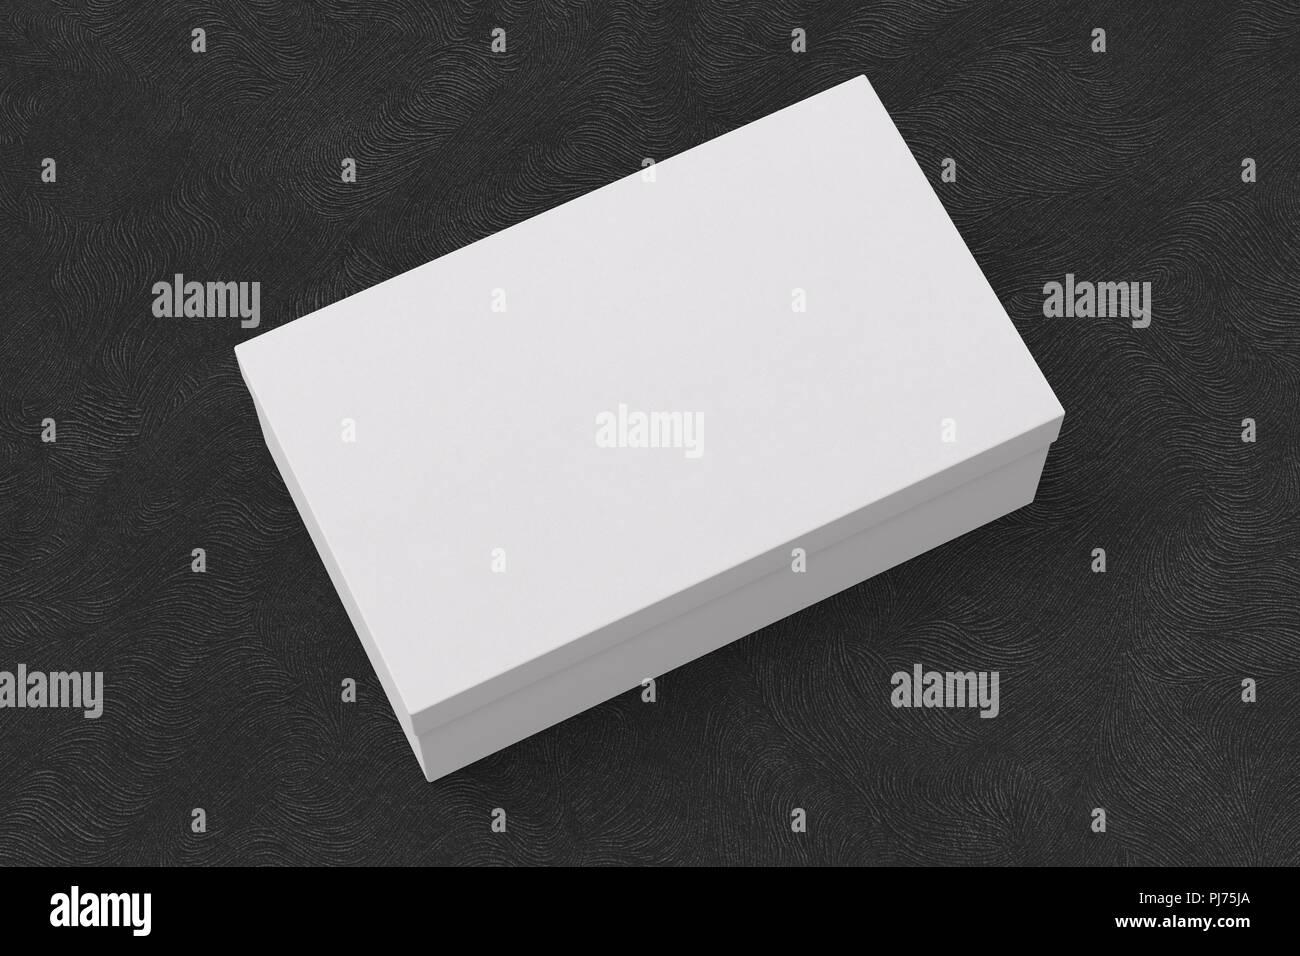 Boîte fond à conteneur sur noirMaquette blanc chaussures Pk8nOw0